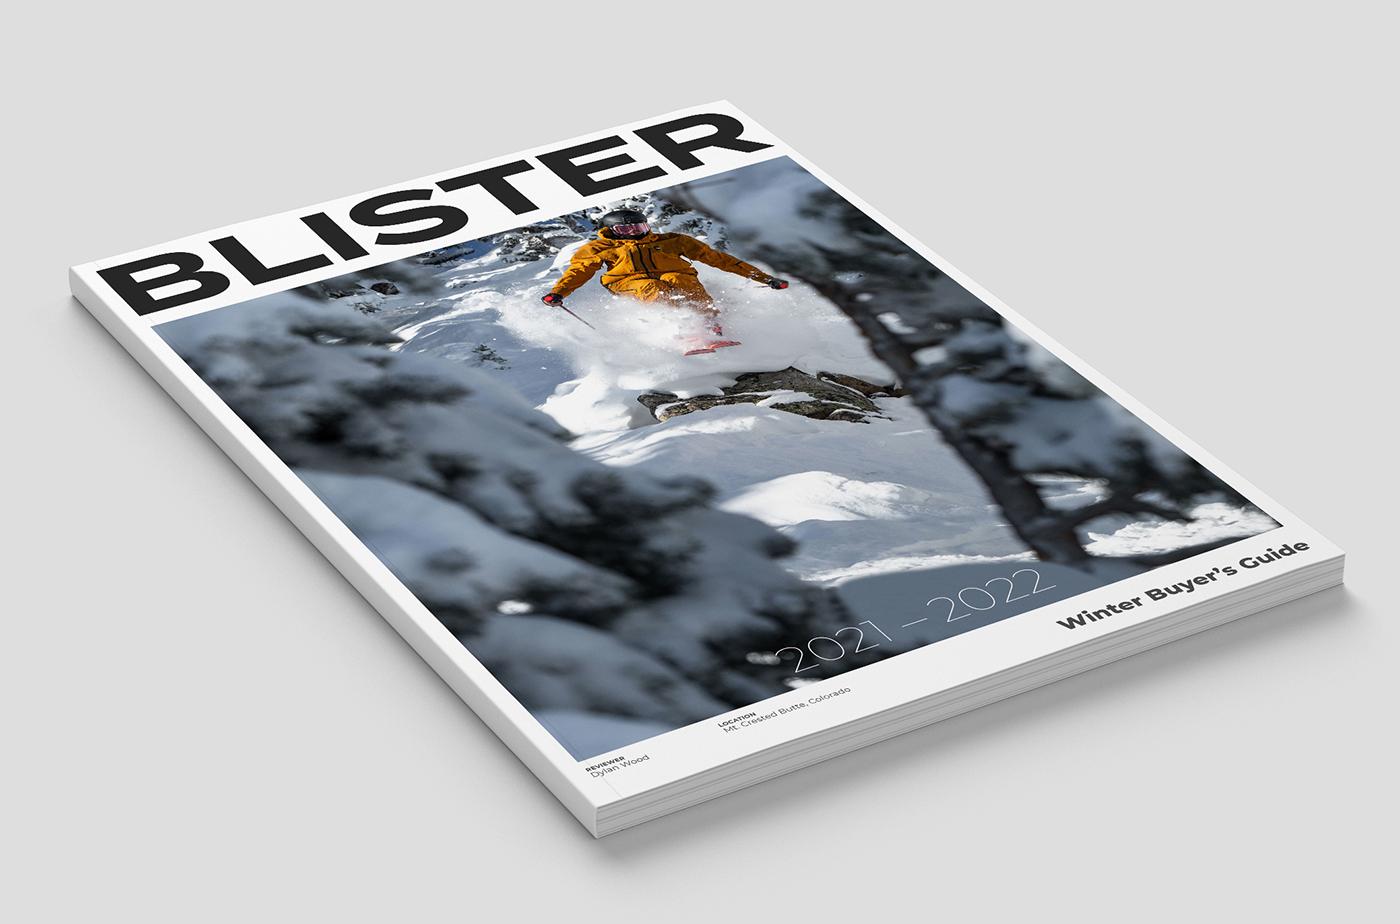 Blister's 2021-2022 Winter Buyer's Guide